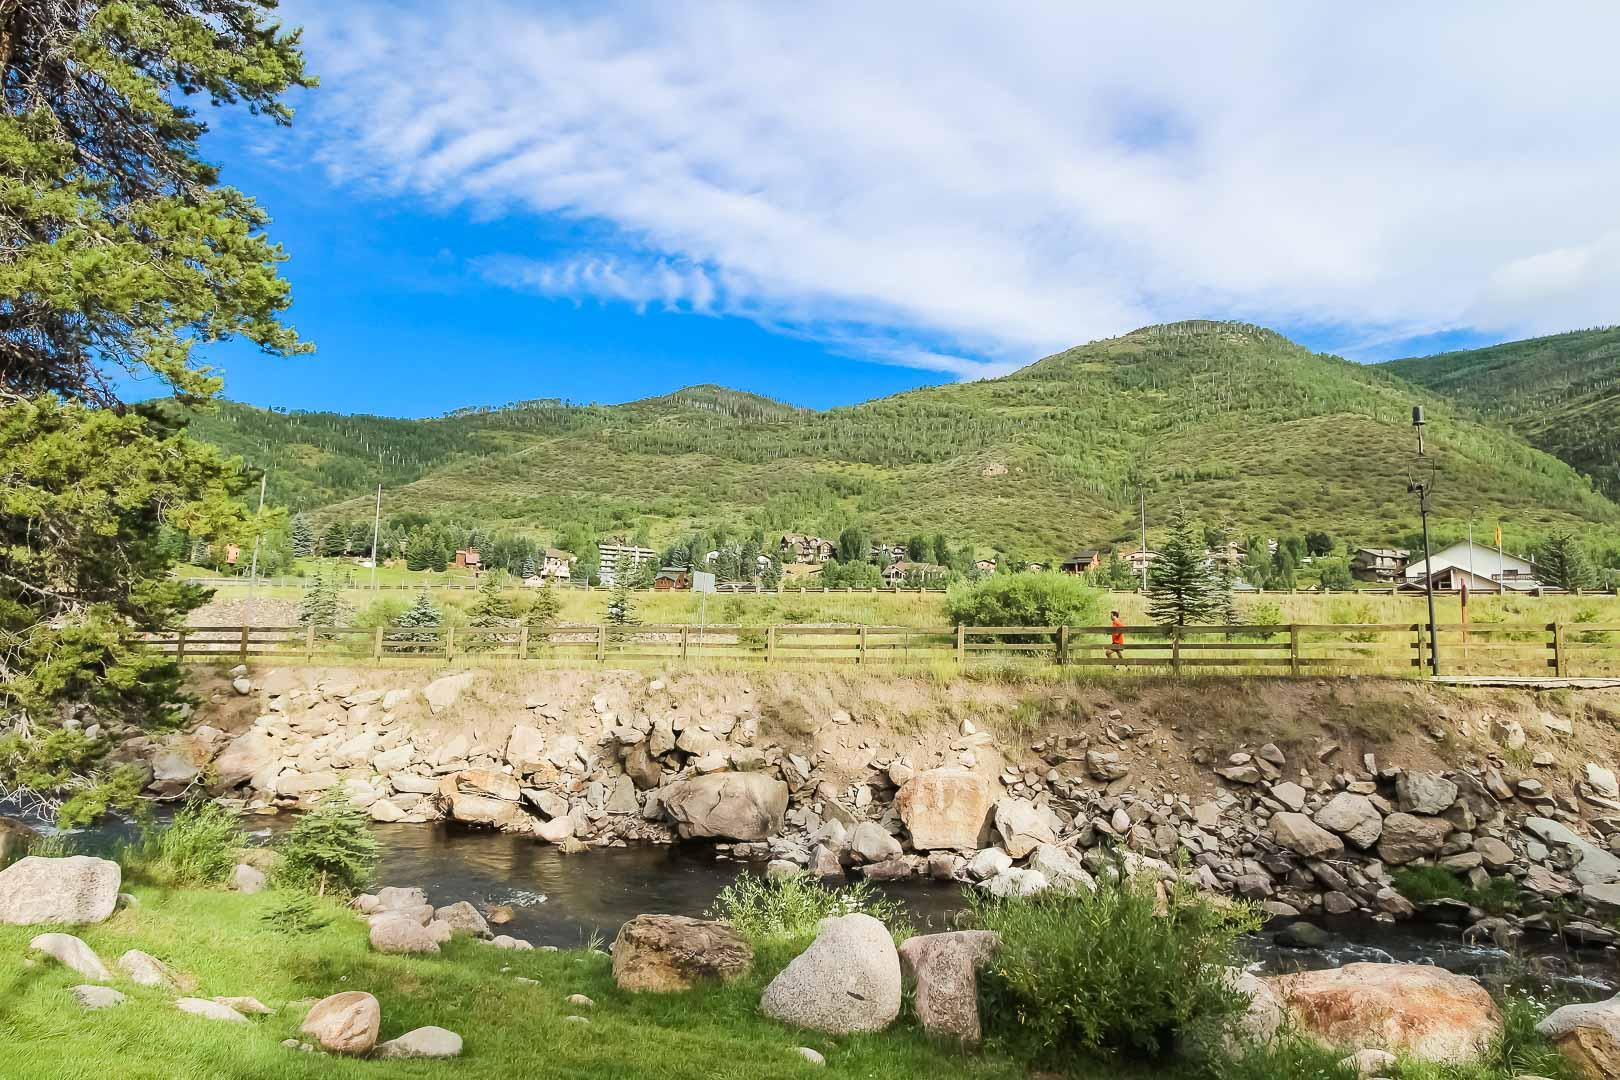 A peaceful view at VRI's Cedar at Streamside in Colorado.